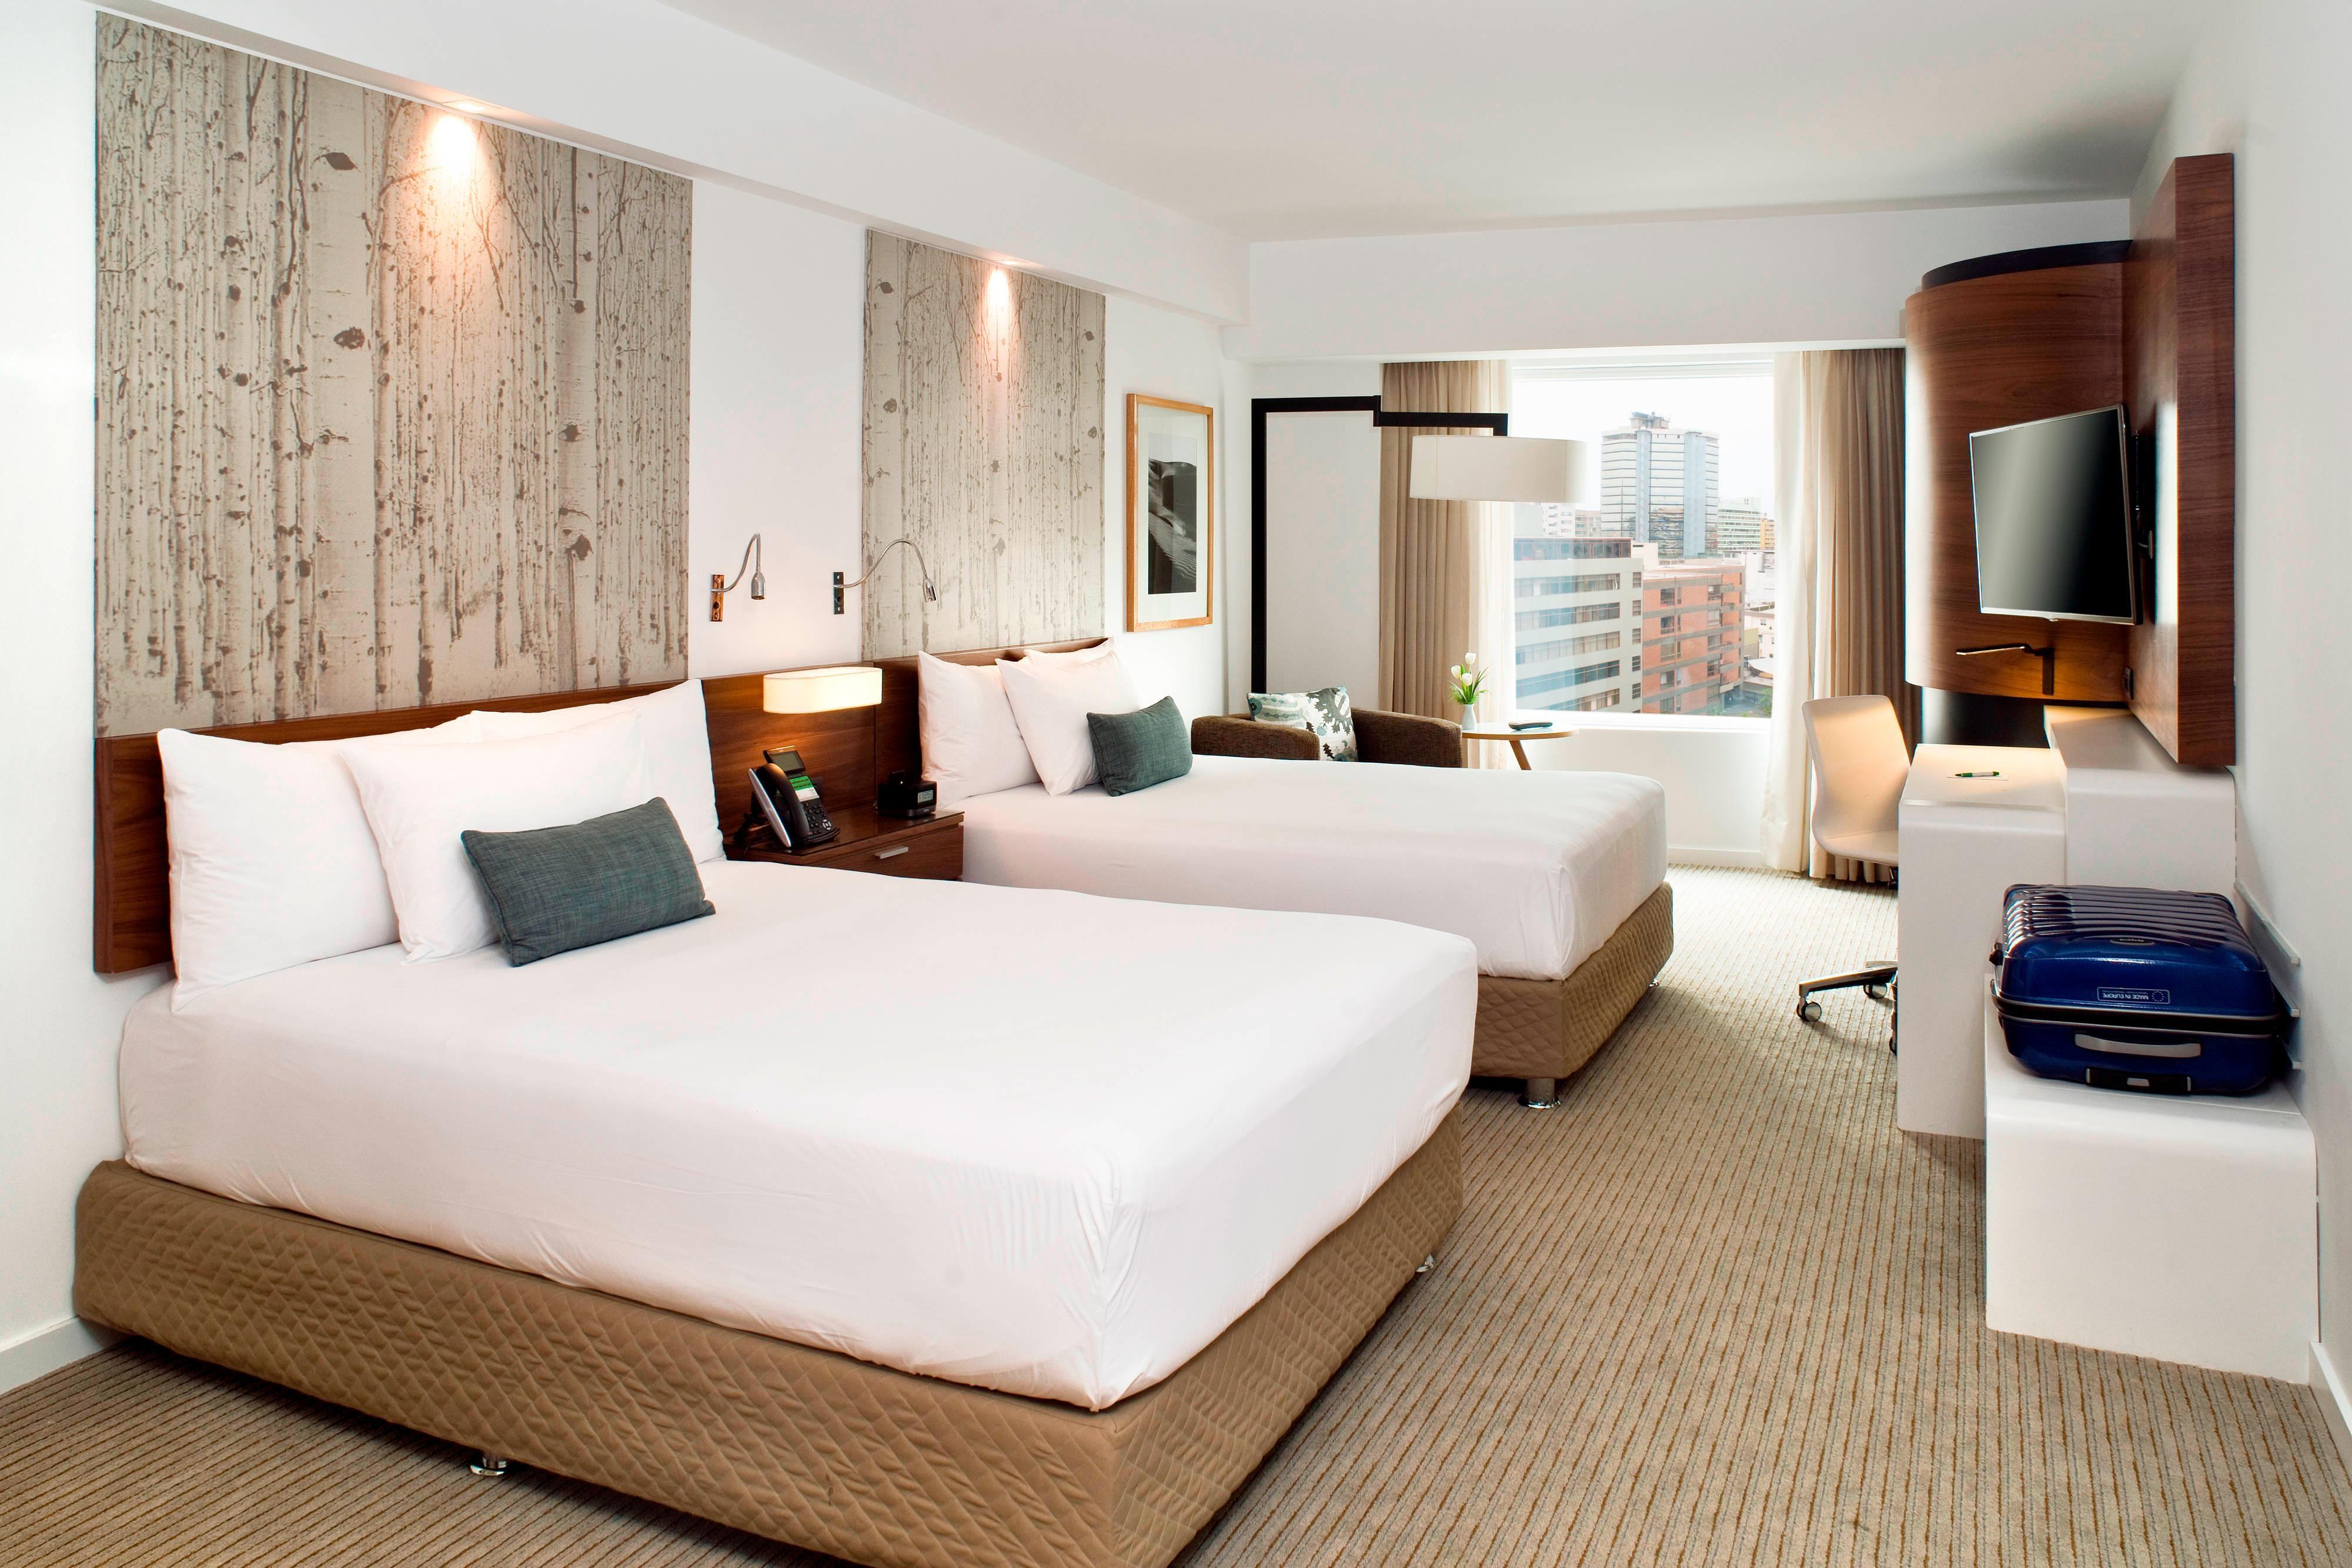 Chambre haut de gamme avec deux lits doubles-vue sur la ville